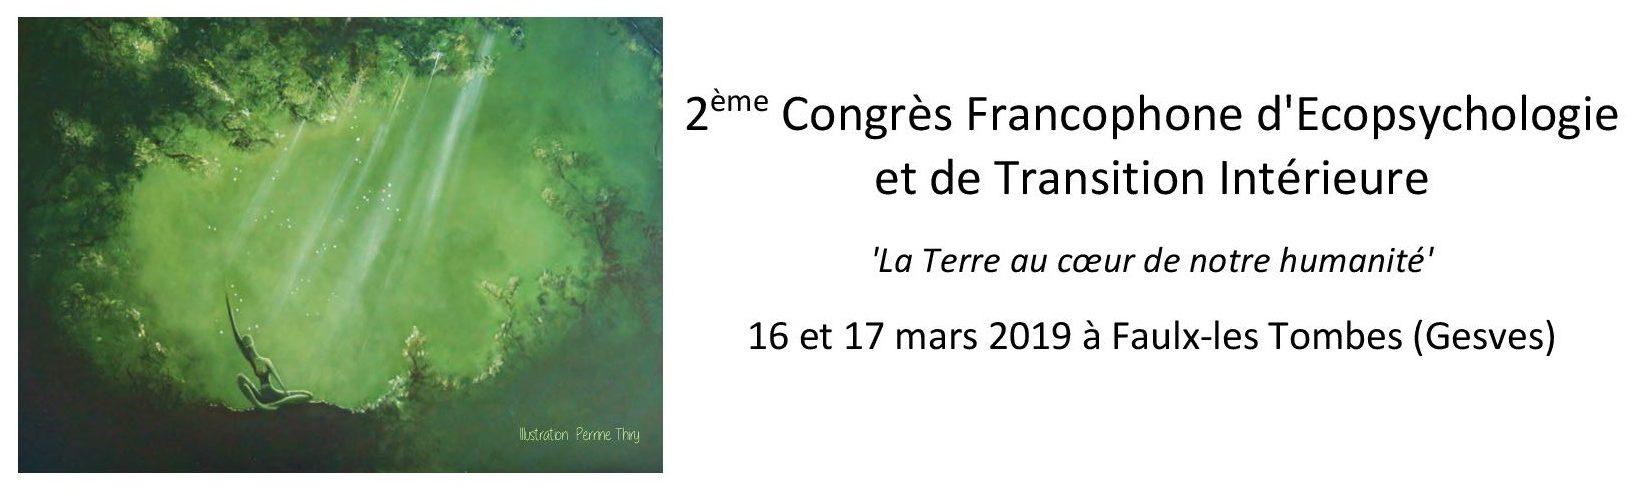 2e Congrès francophone d'Écopsychologie et e Transition Intérieure